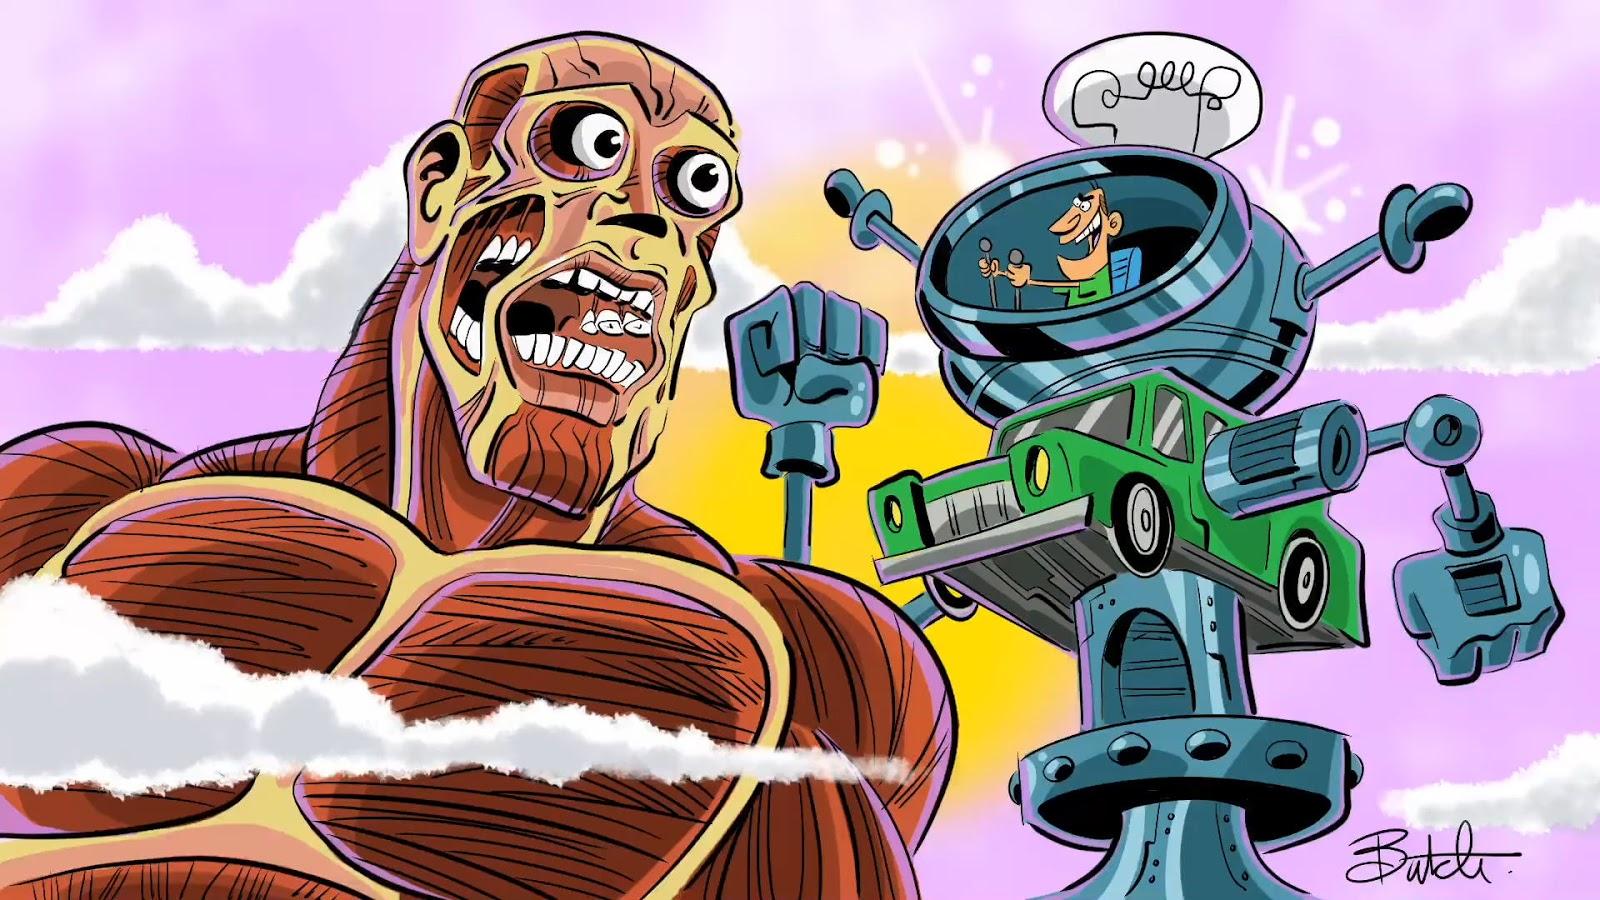 Kolosalny tytan z Attack on Titan w stylu Wróżków chrzestnych